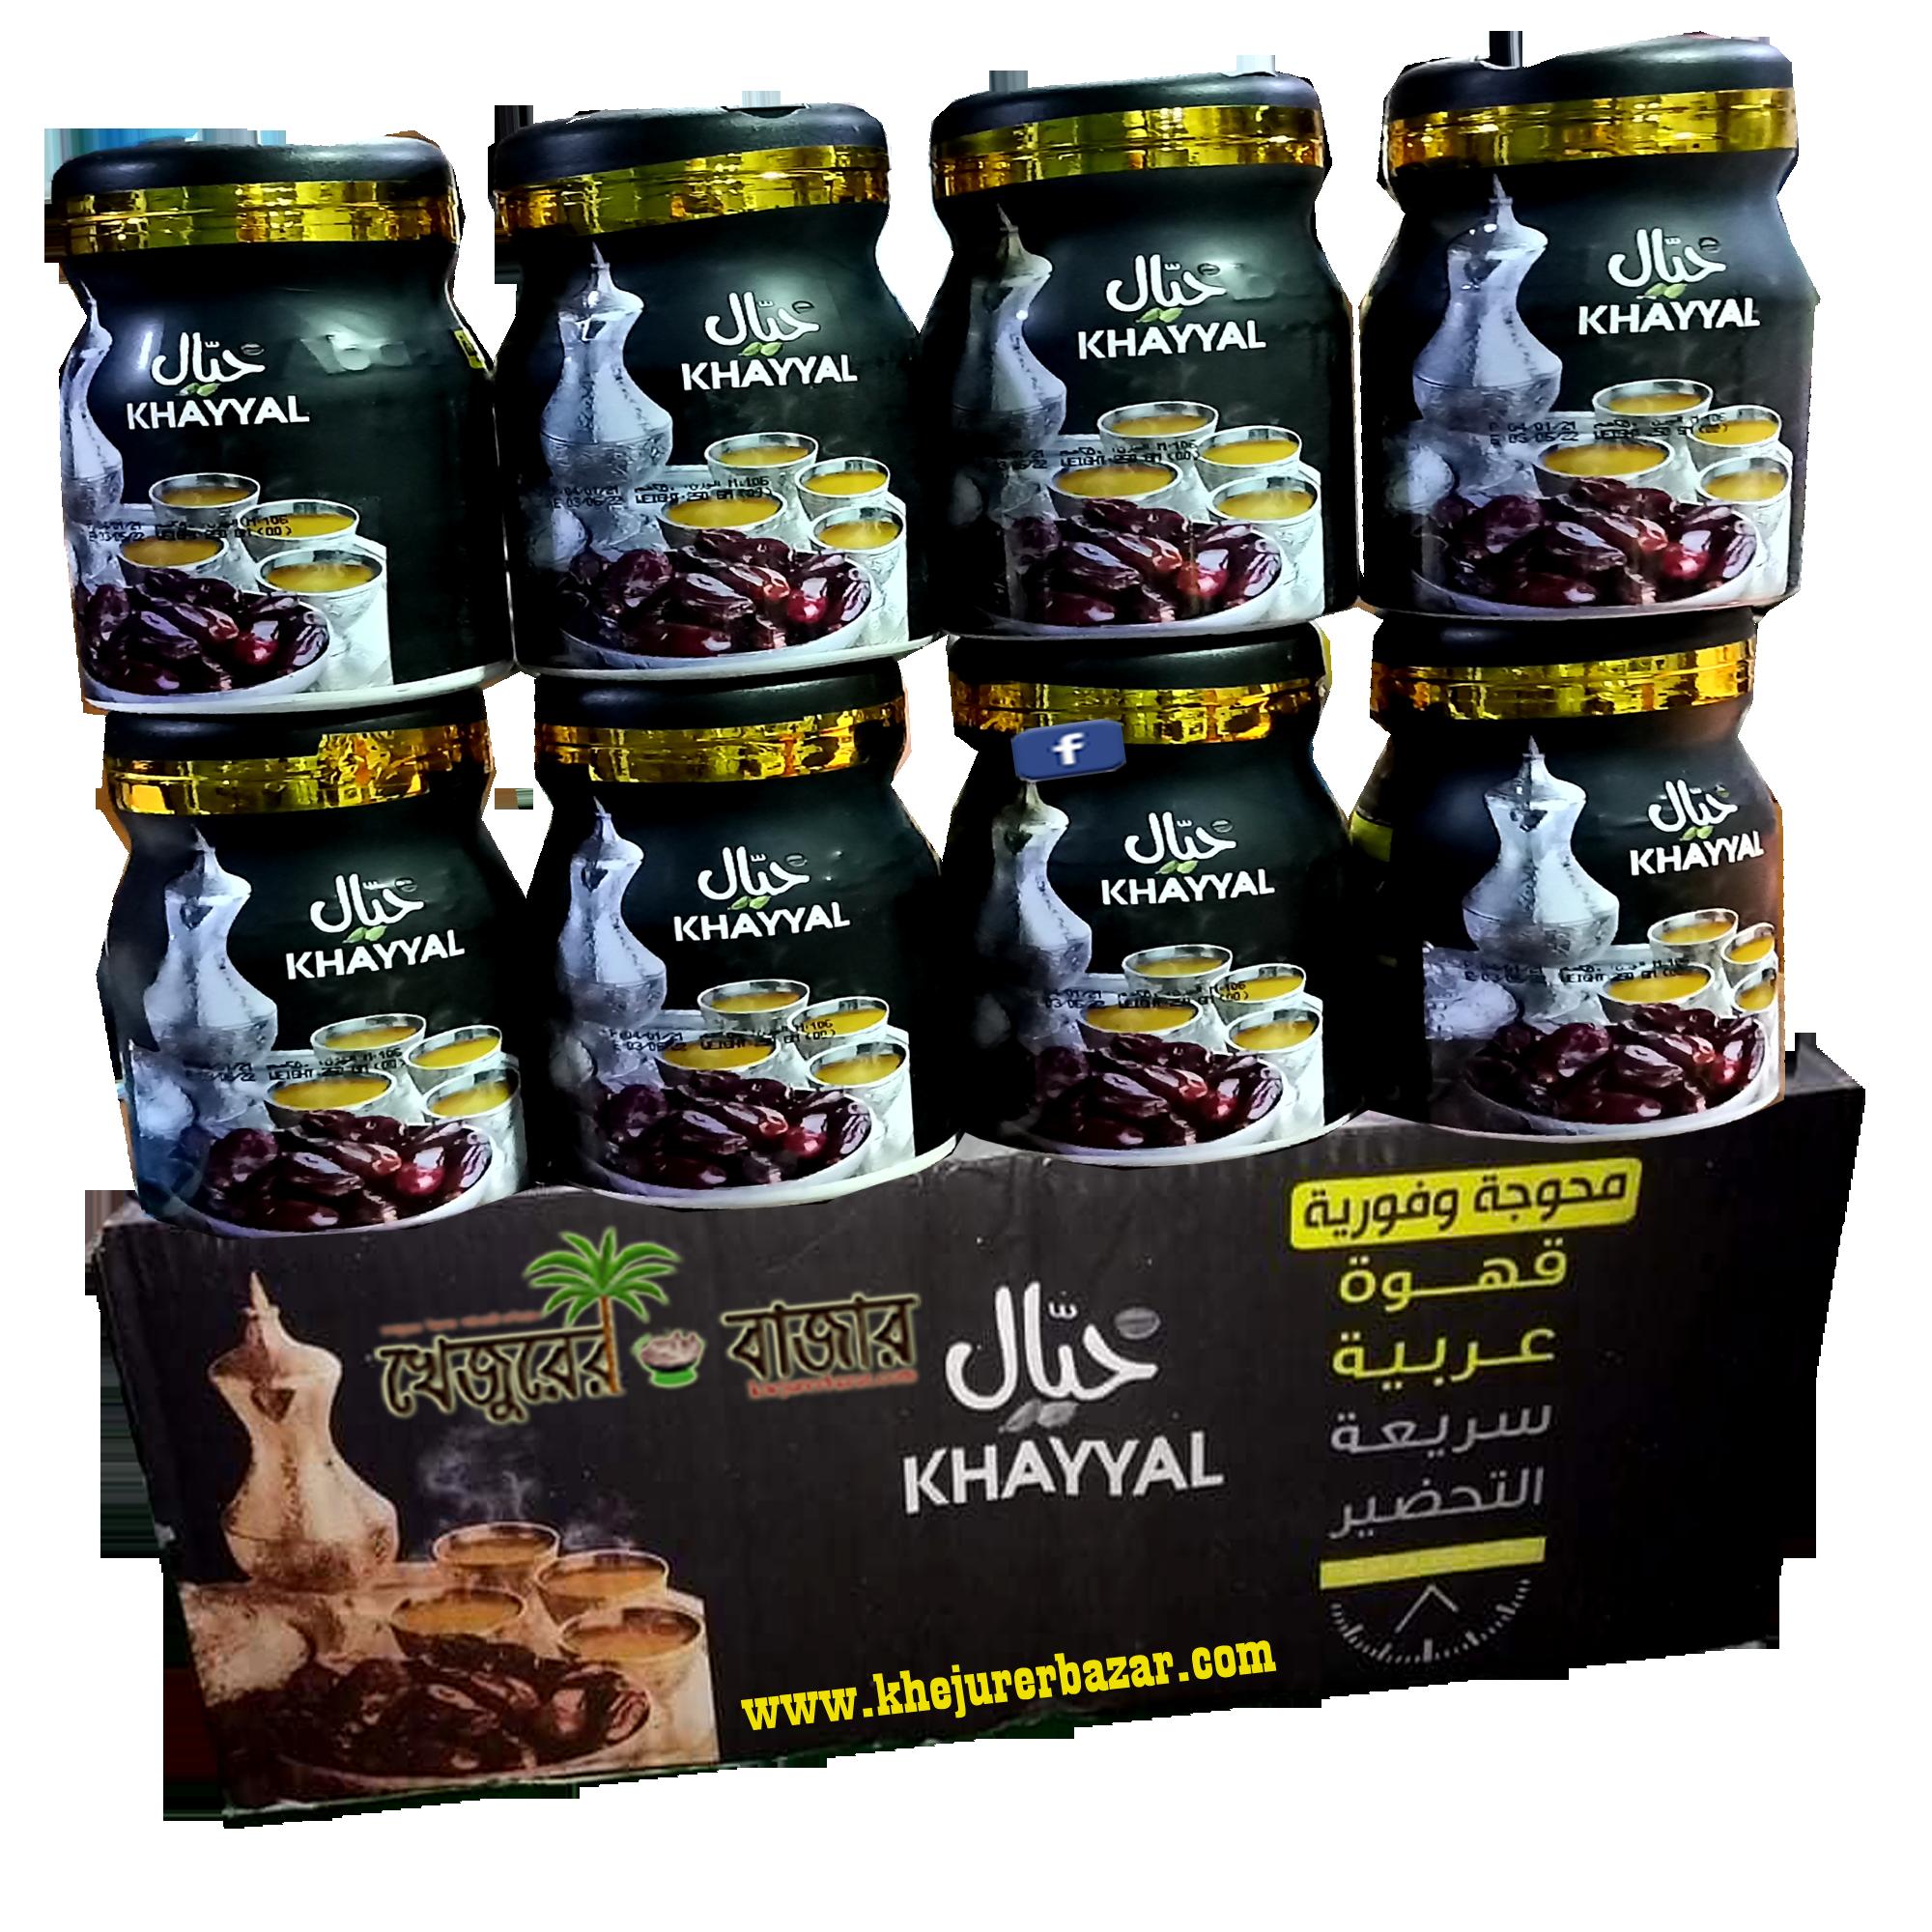 গাওয়া/Instant Arabic Khayyal Coffee-খেজ�রের বাজার